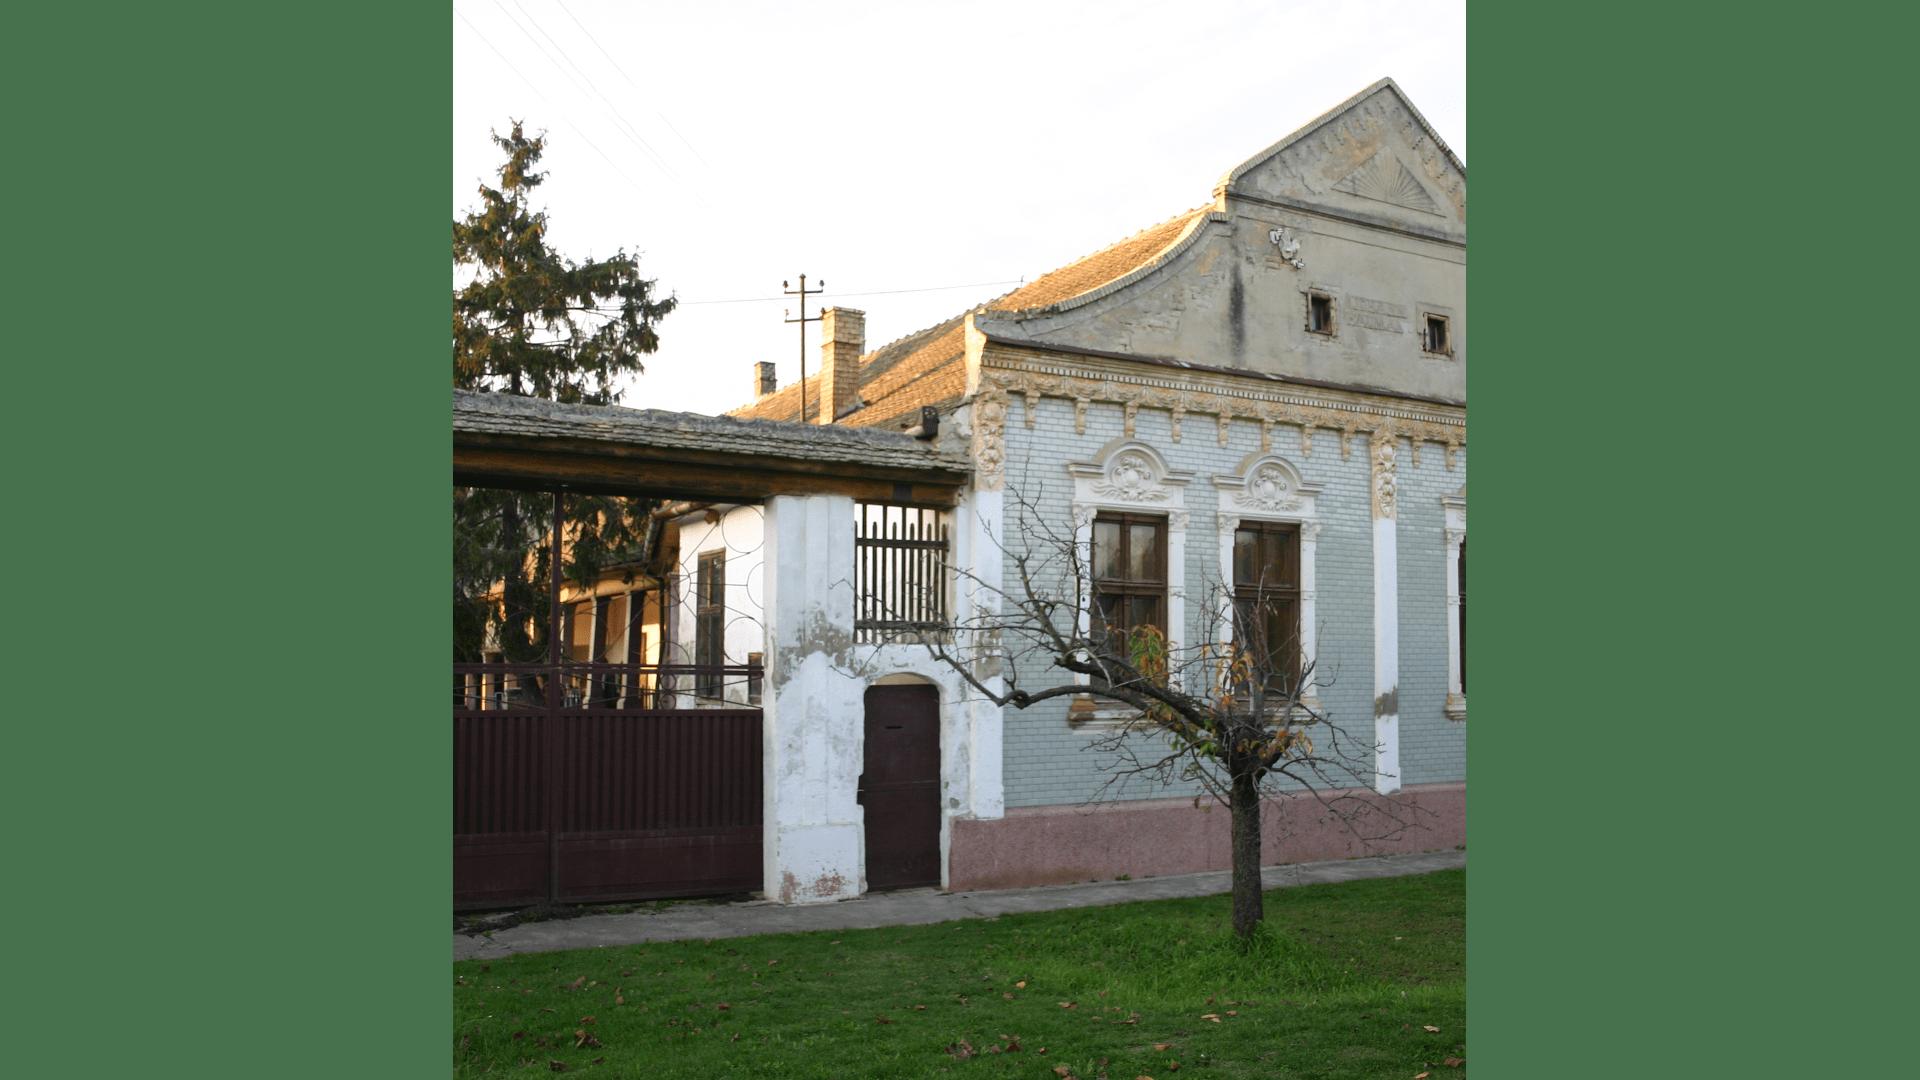 Gut erhaltenes Haus der ehemals wohlhabenden Bauersleute Johann und Magdalena Haumann in der Klostergasse 54. Aufnahme von 2007. Foto: Archiv Freundeskreis Filipowa